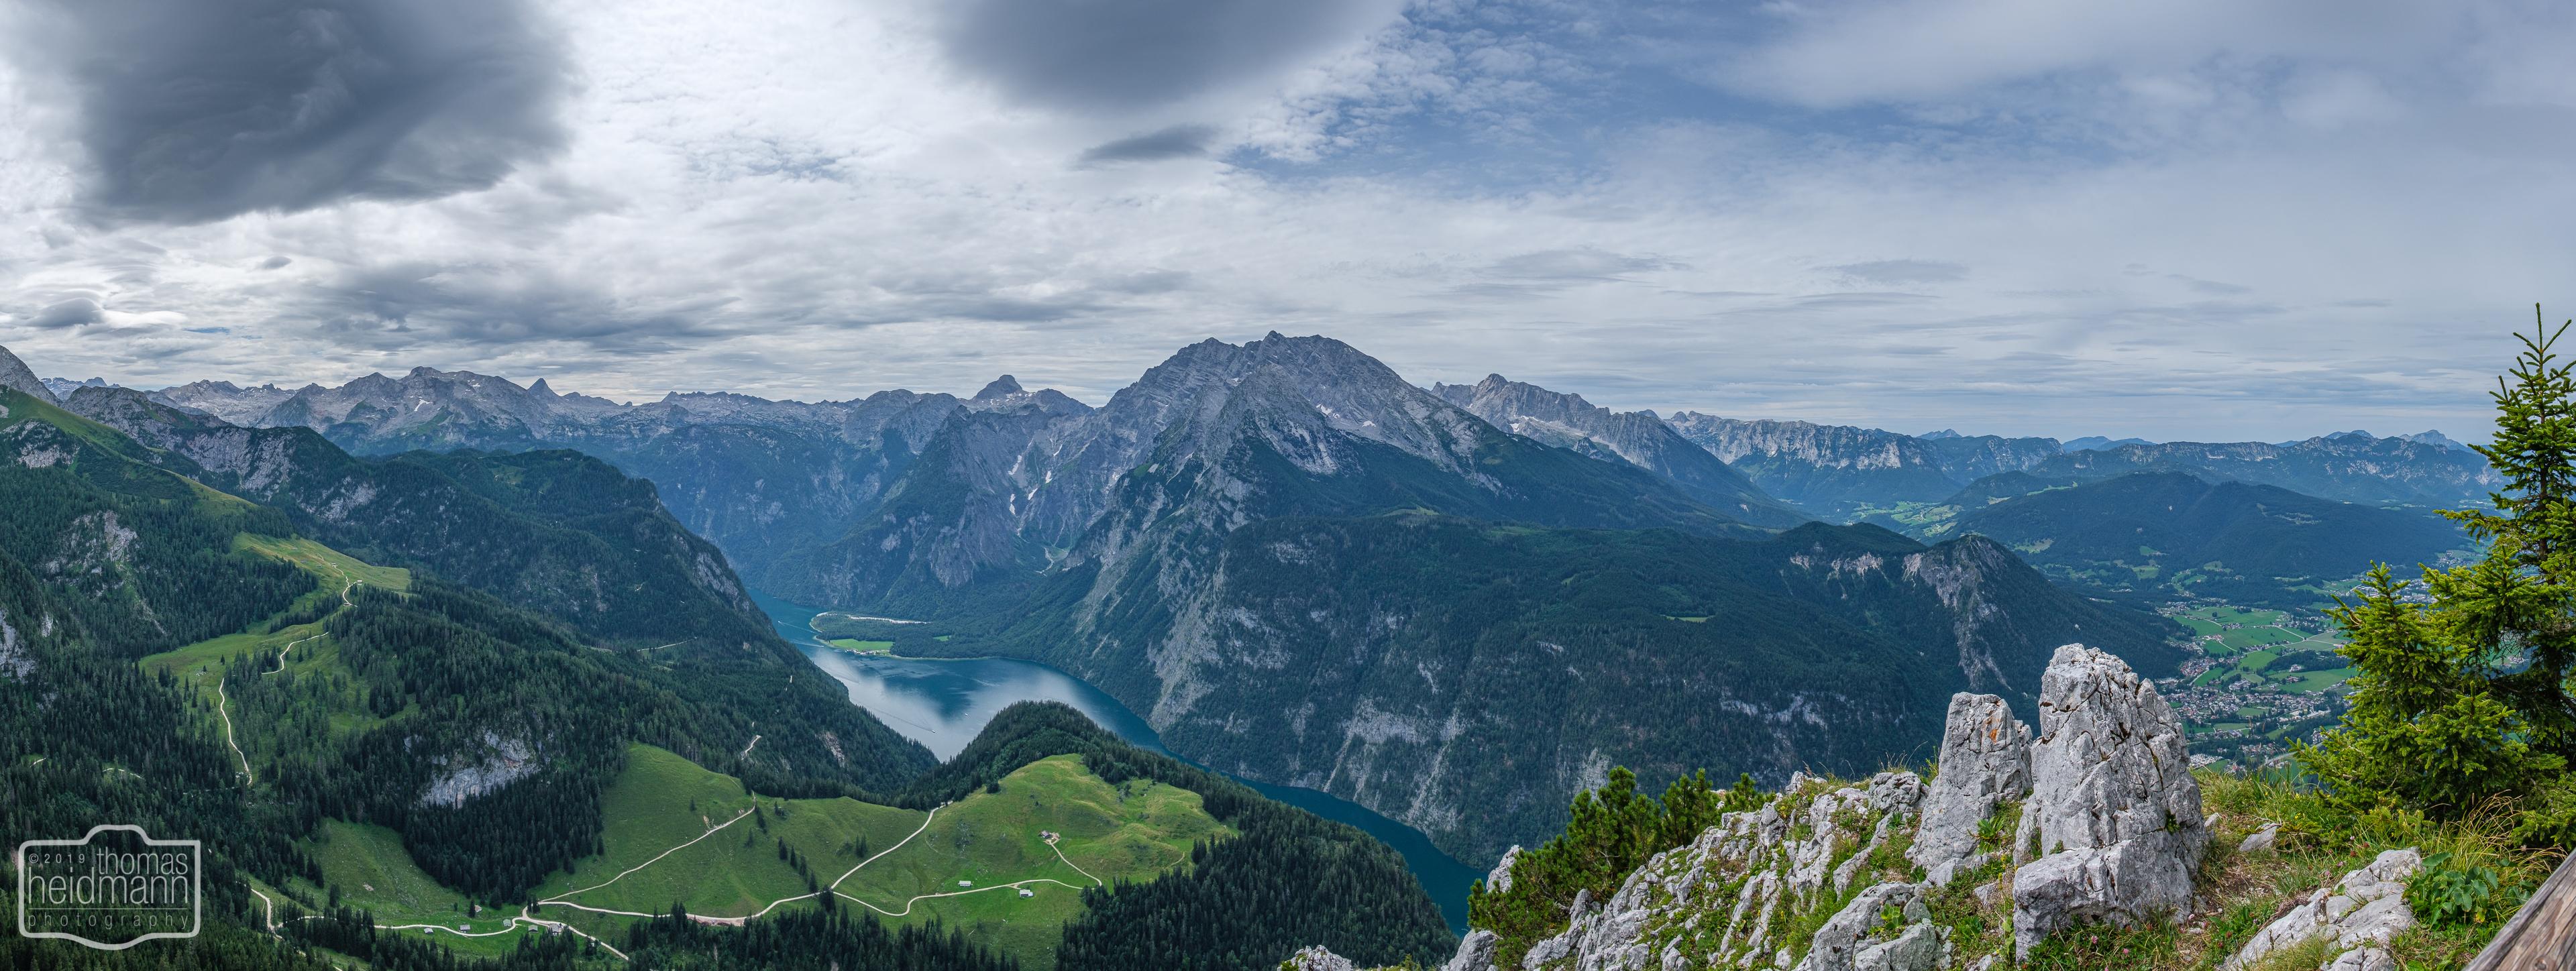 Wanderung zum Jenner-Gipfel - Panorama Königssee